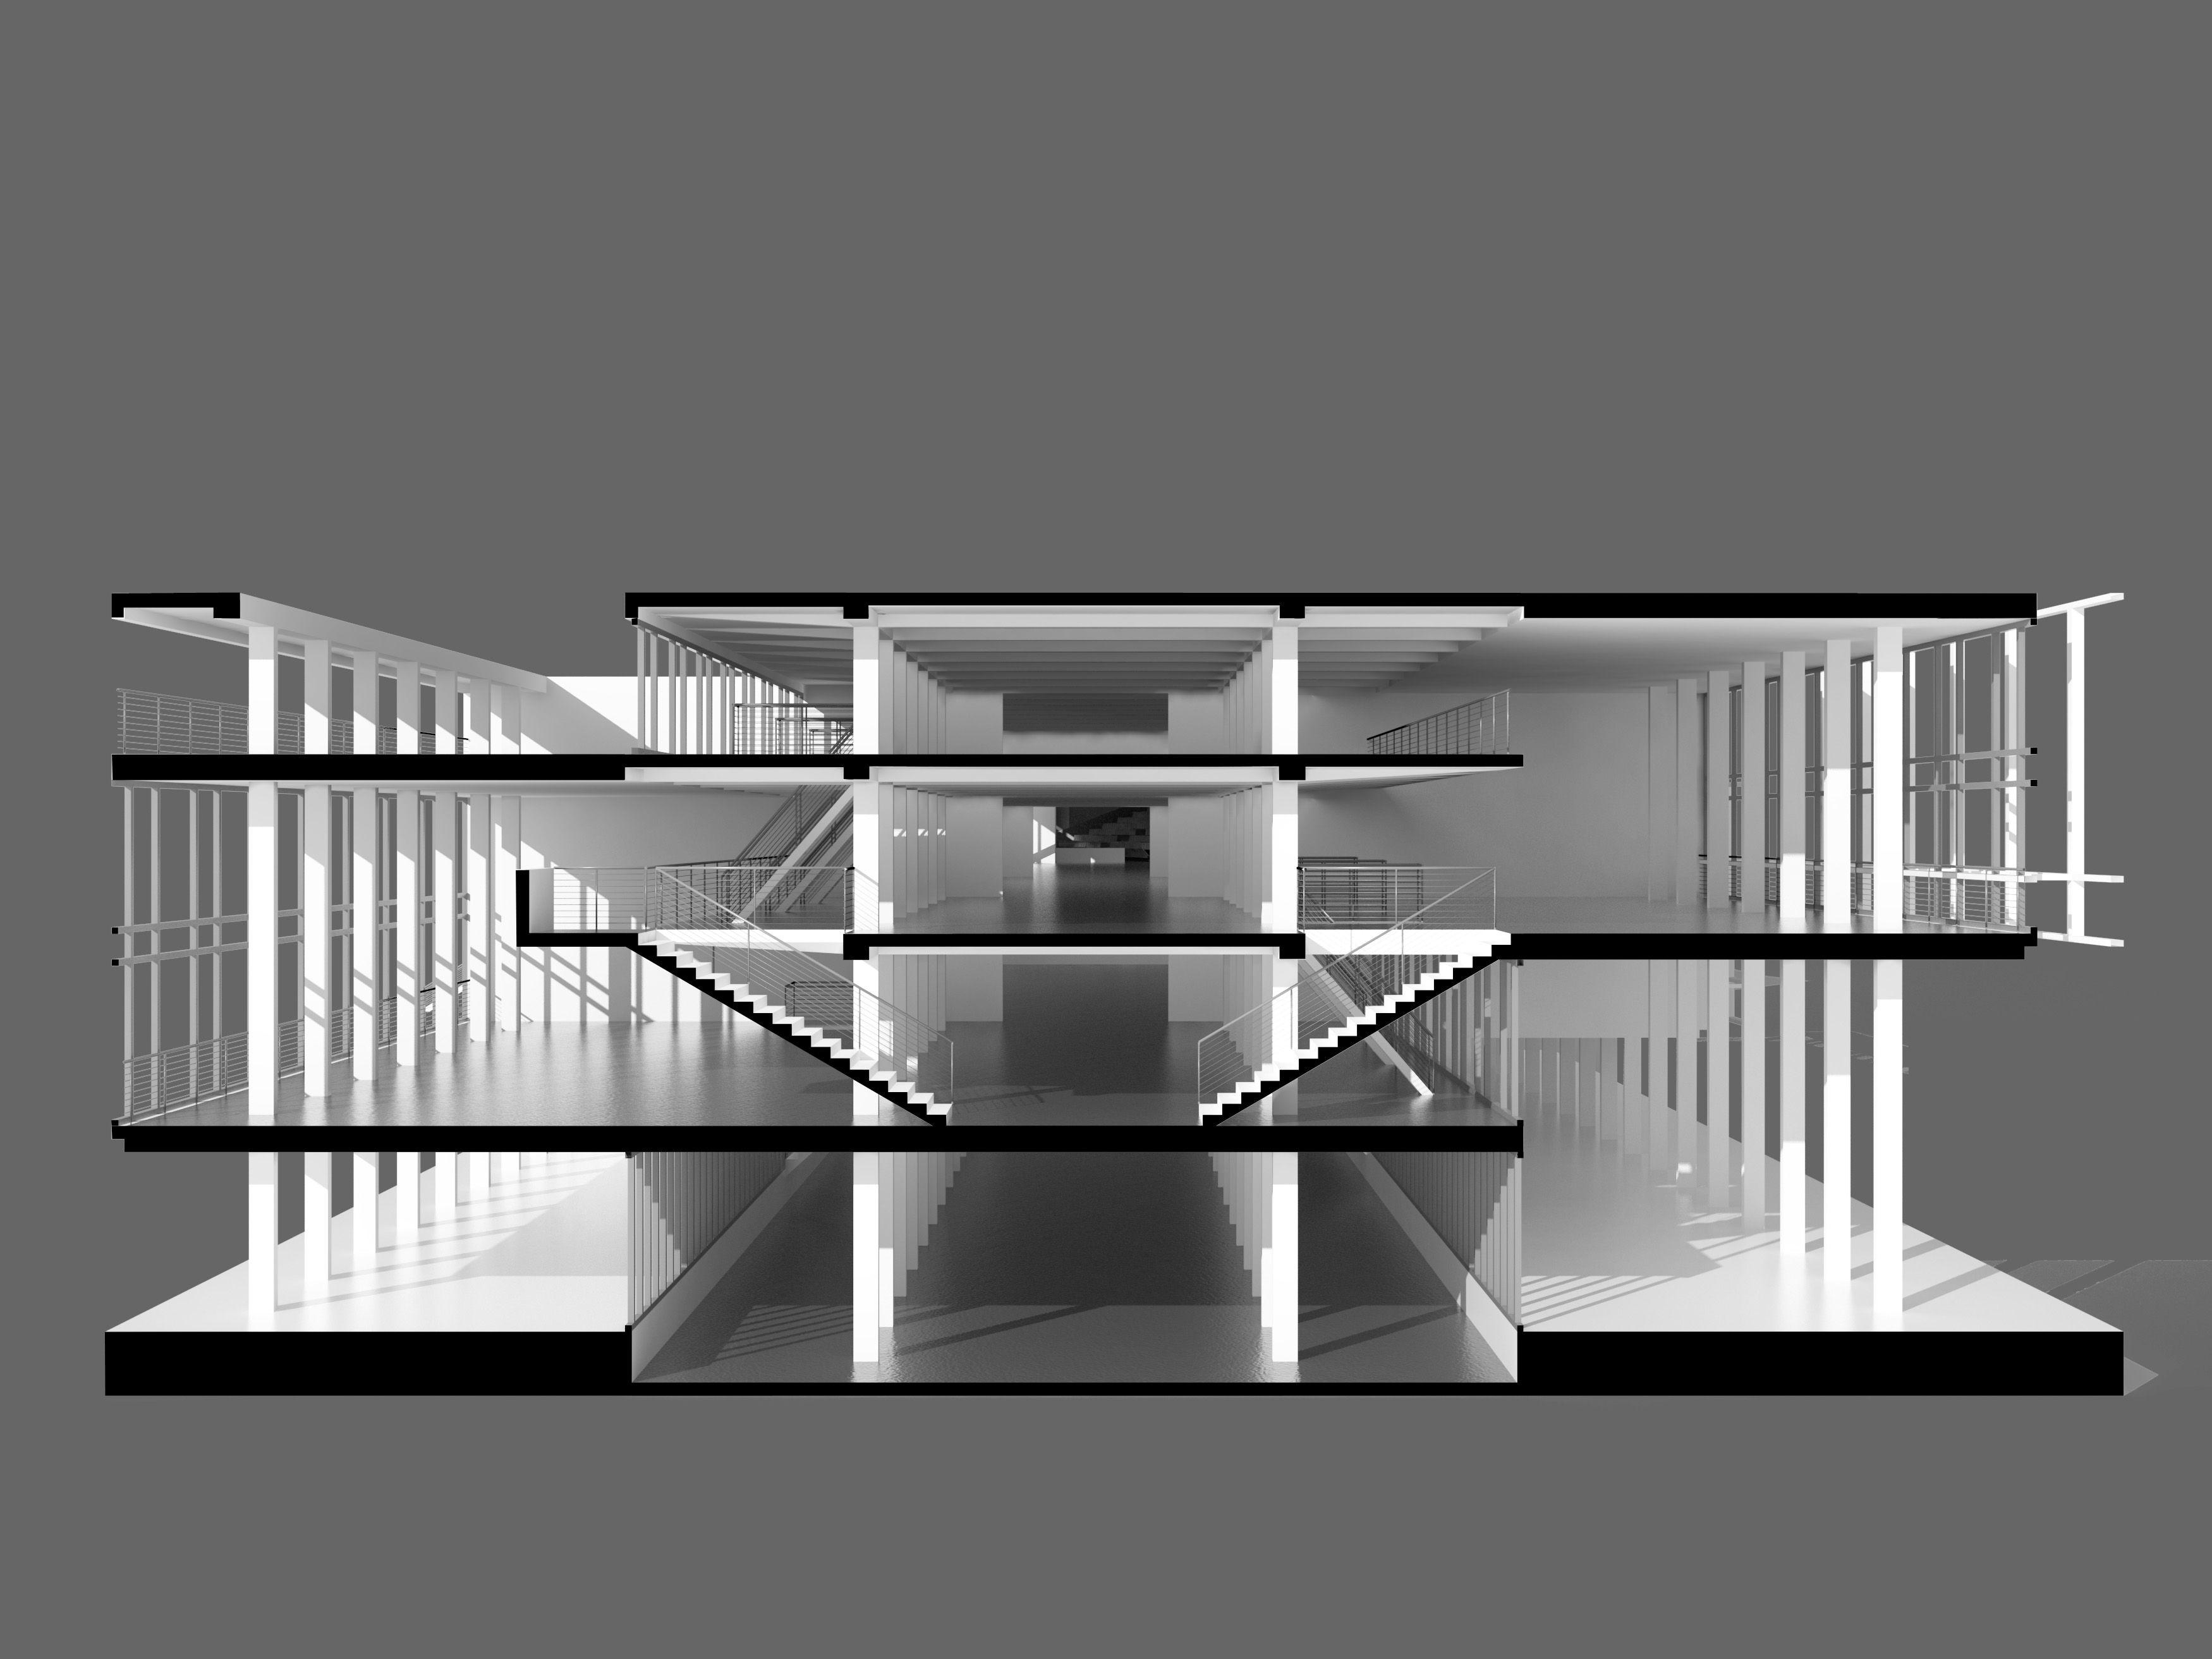 Giuseppe terragni casa del fascio di 3500 2625 for Giuseppe terragni casa del fascio